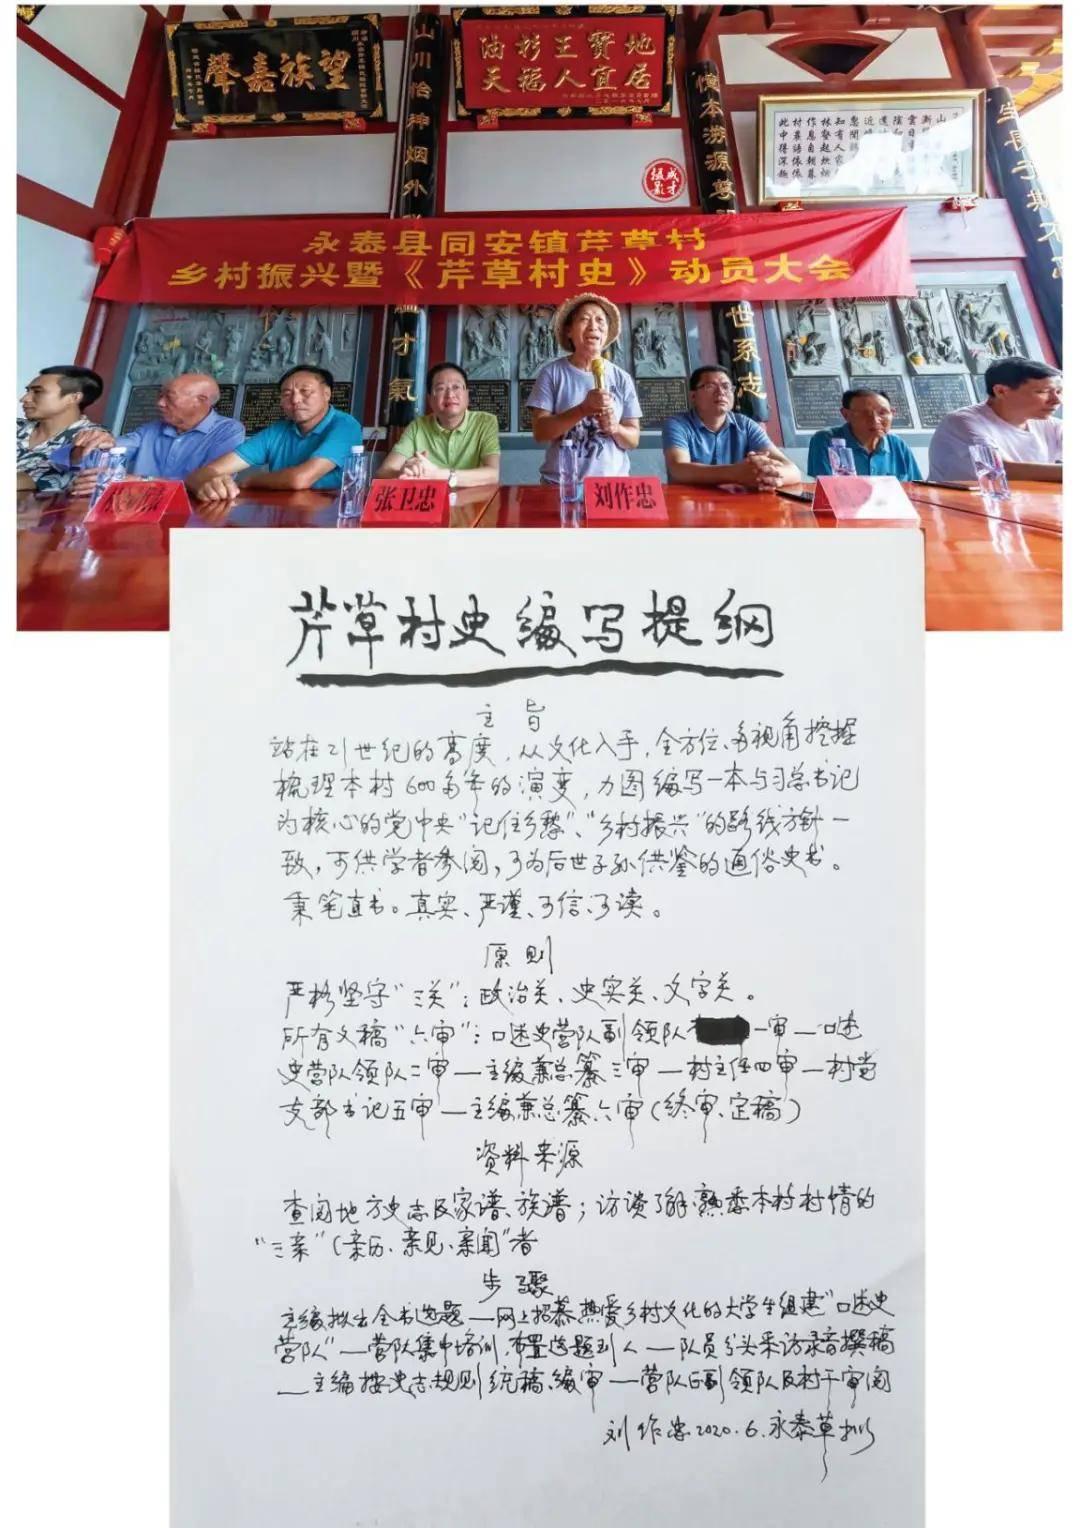 荆州刘作忠:福建开了一个三年的会